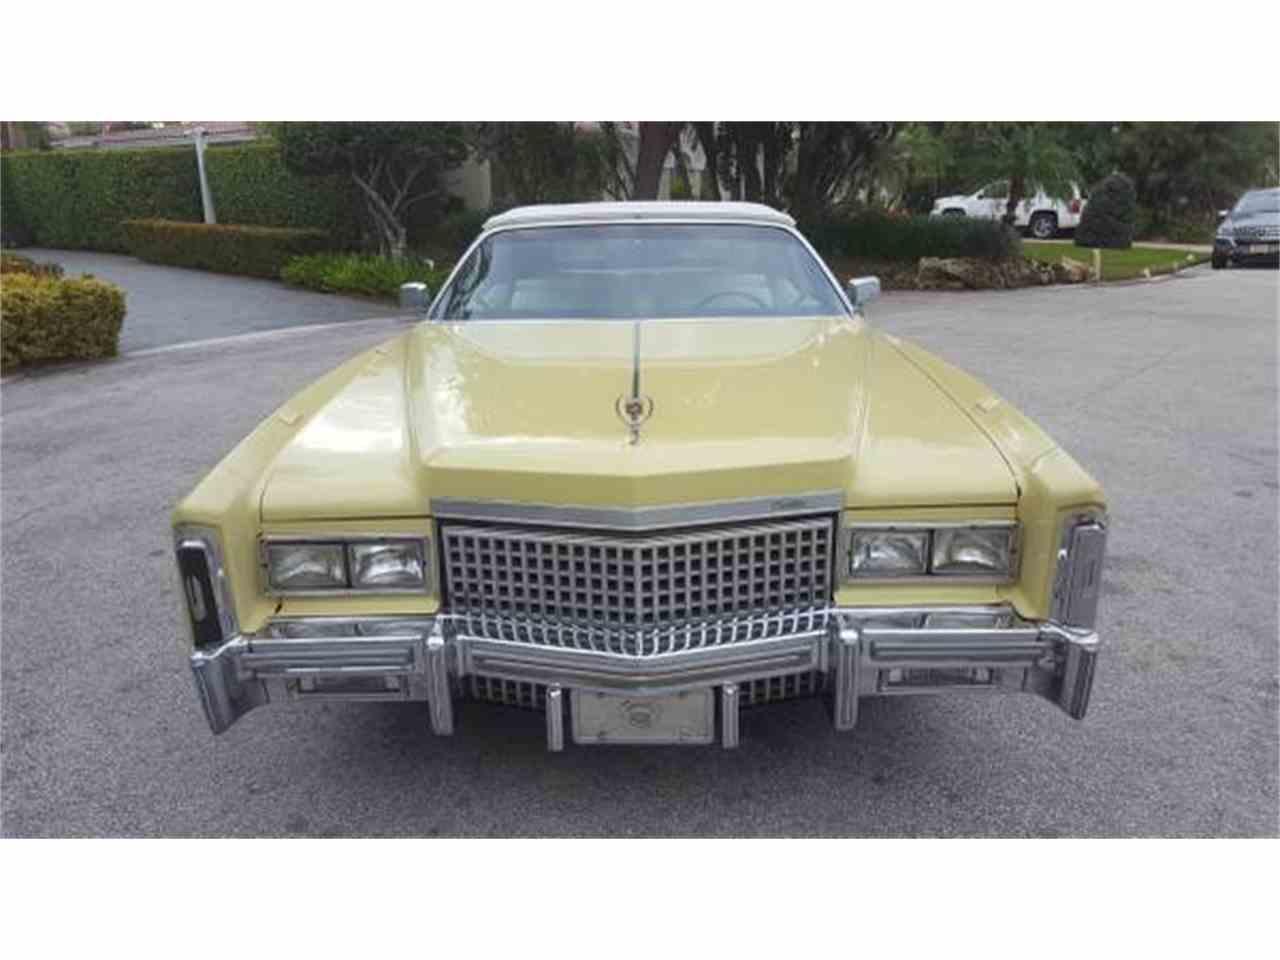 Cadillac Eldorado For Sale ClassicCarscom CC - Pompano classic cars